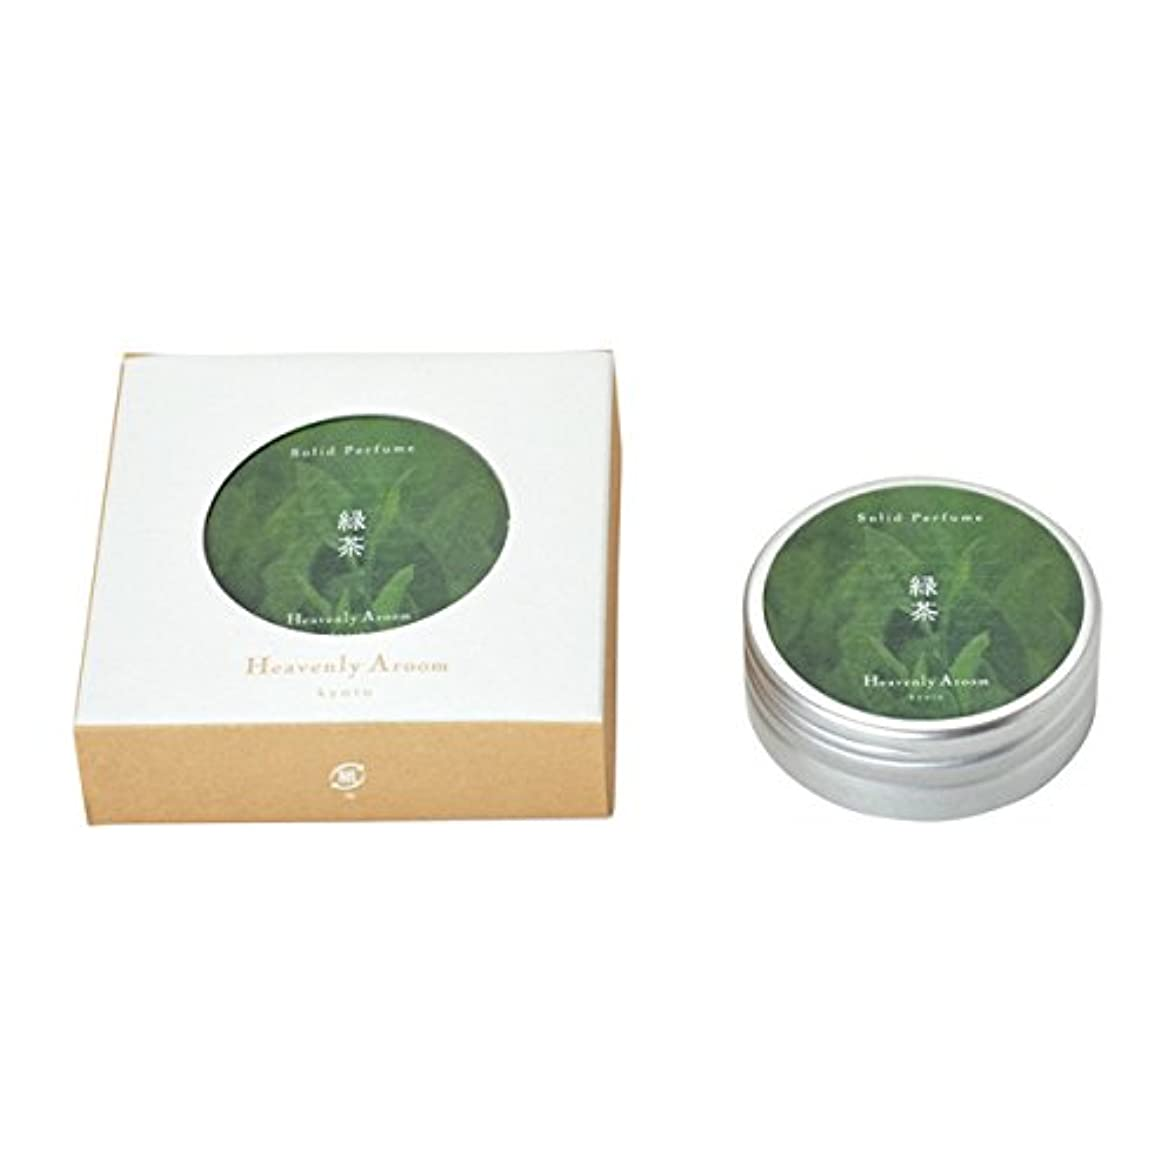 マンハッタンおもしろい戻るHeavenly Aroom ソリッドパフューム 緑茶 15g